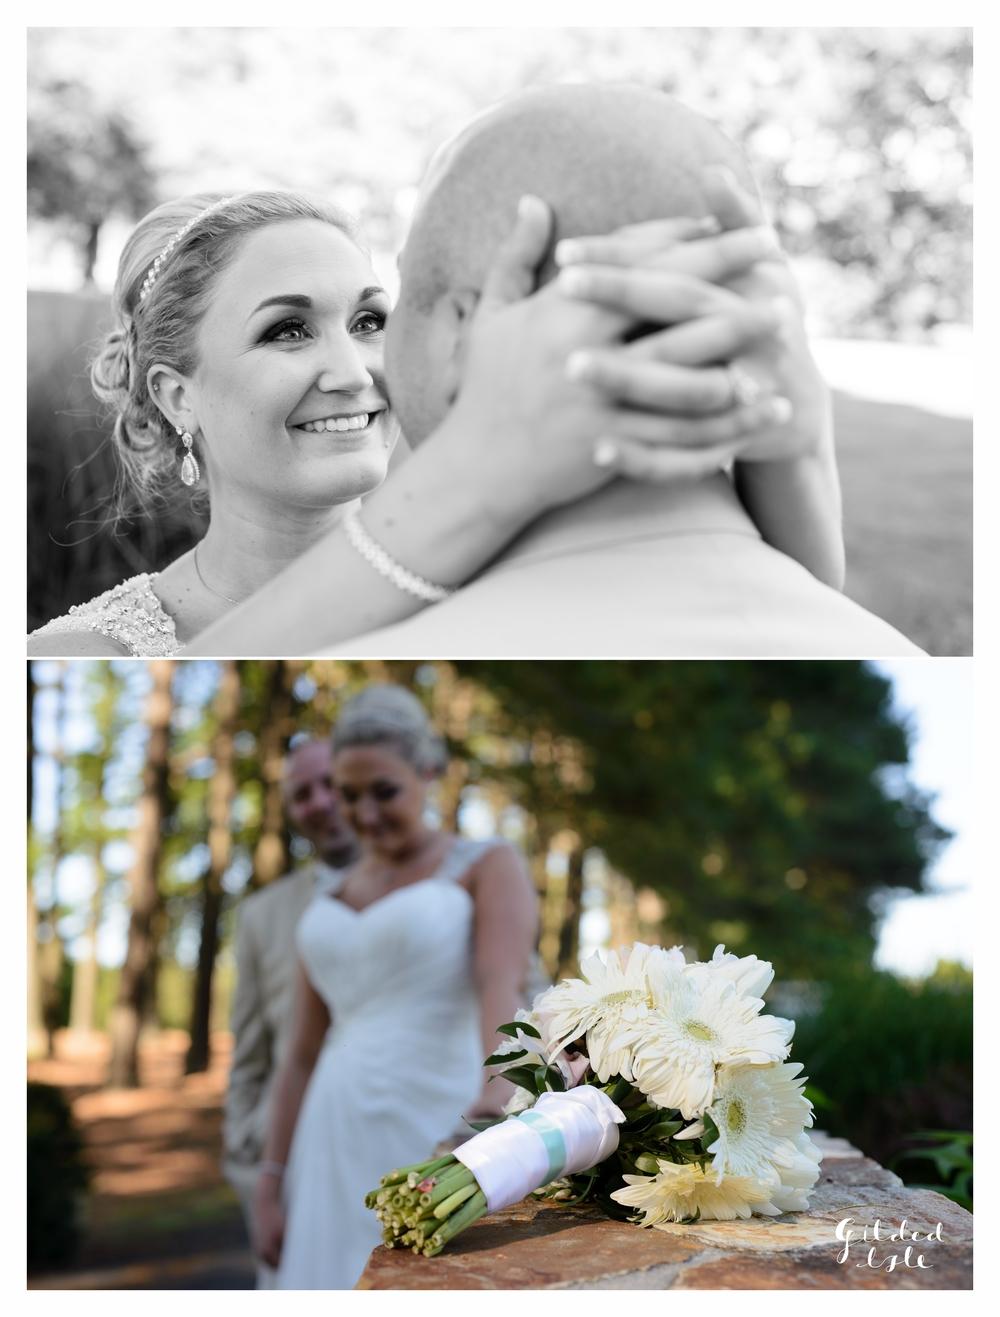 simpson wed blog collage 37.jpg